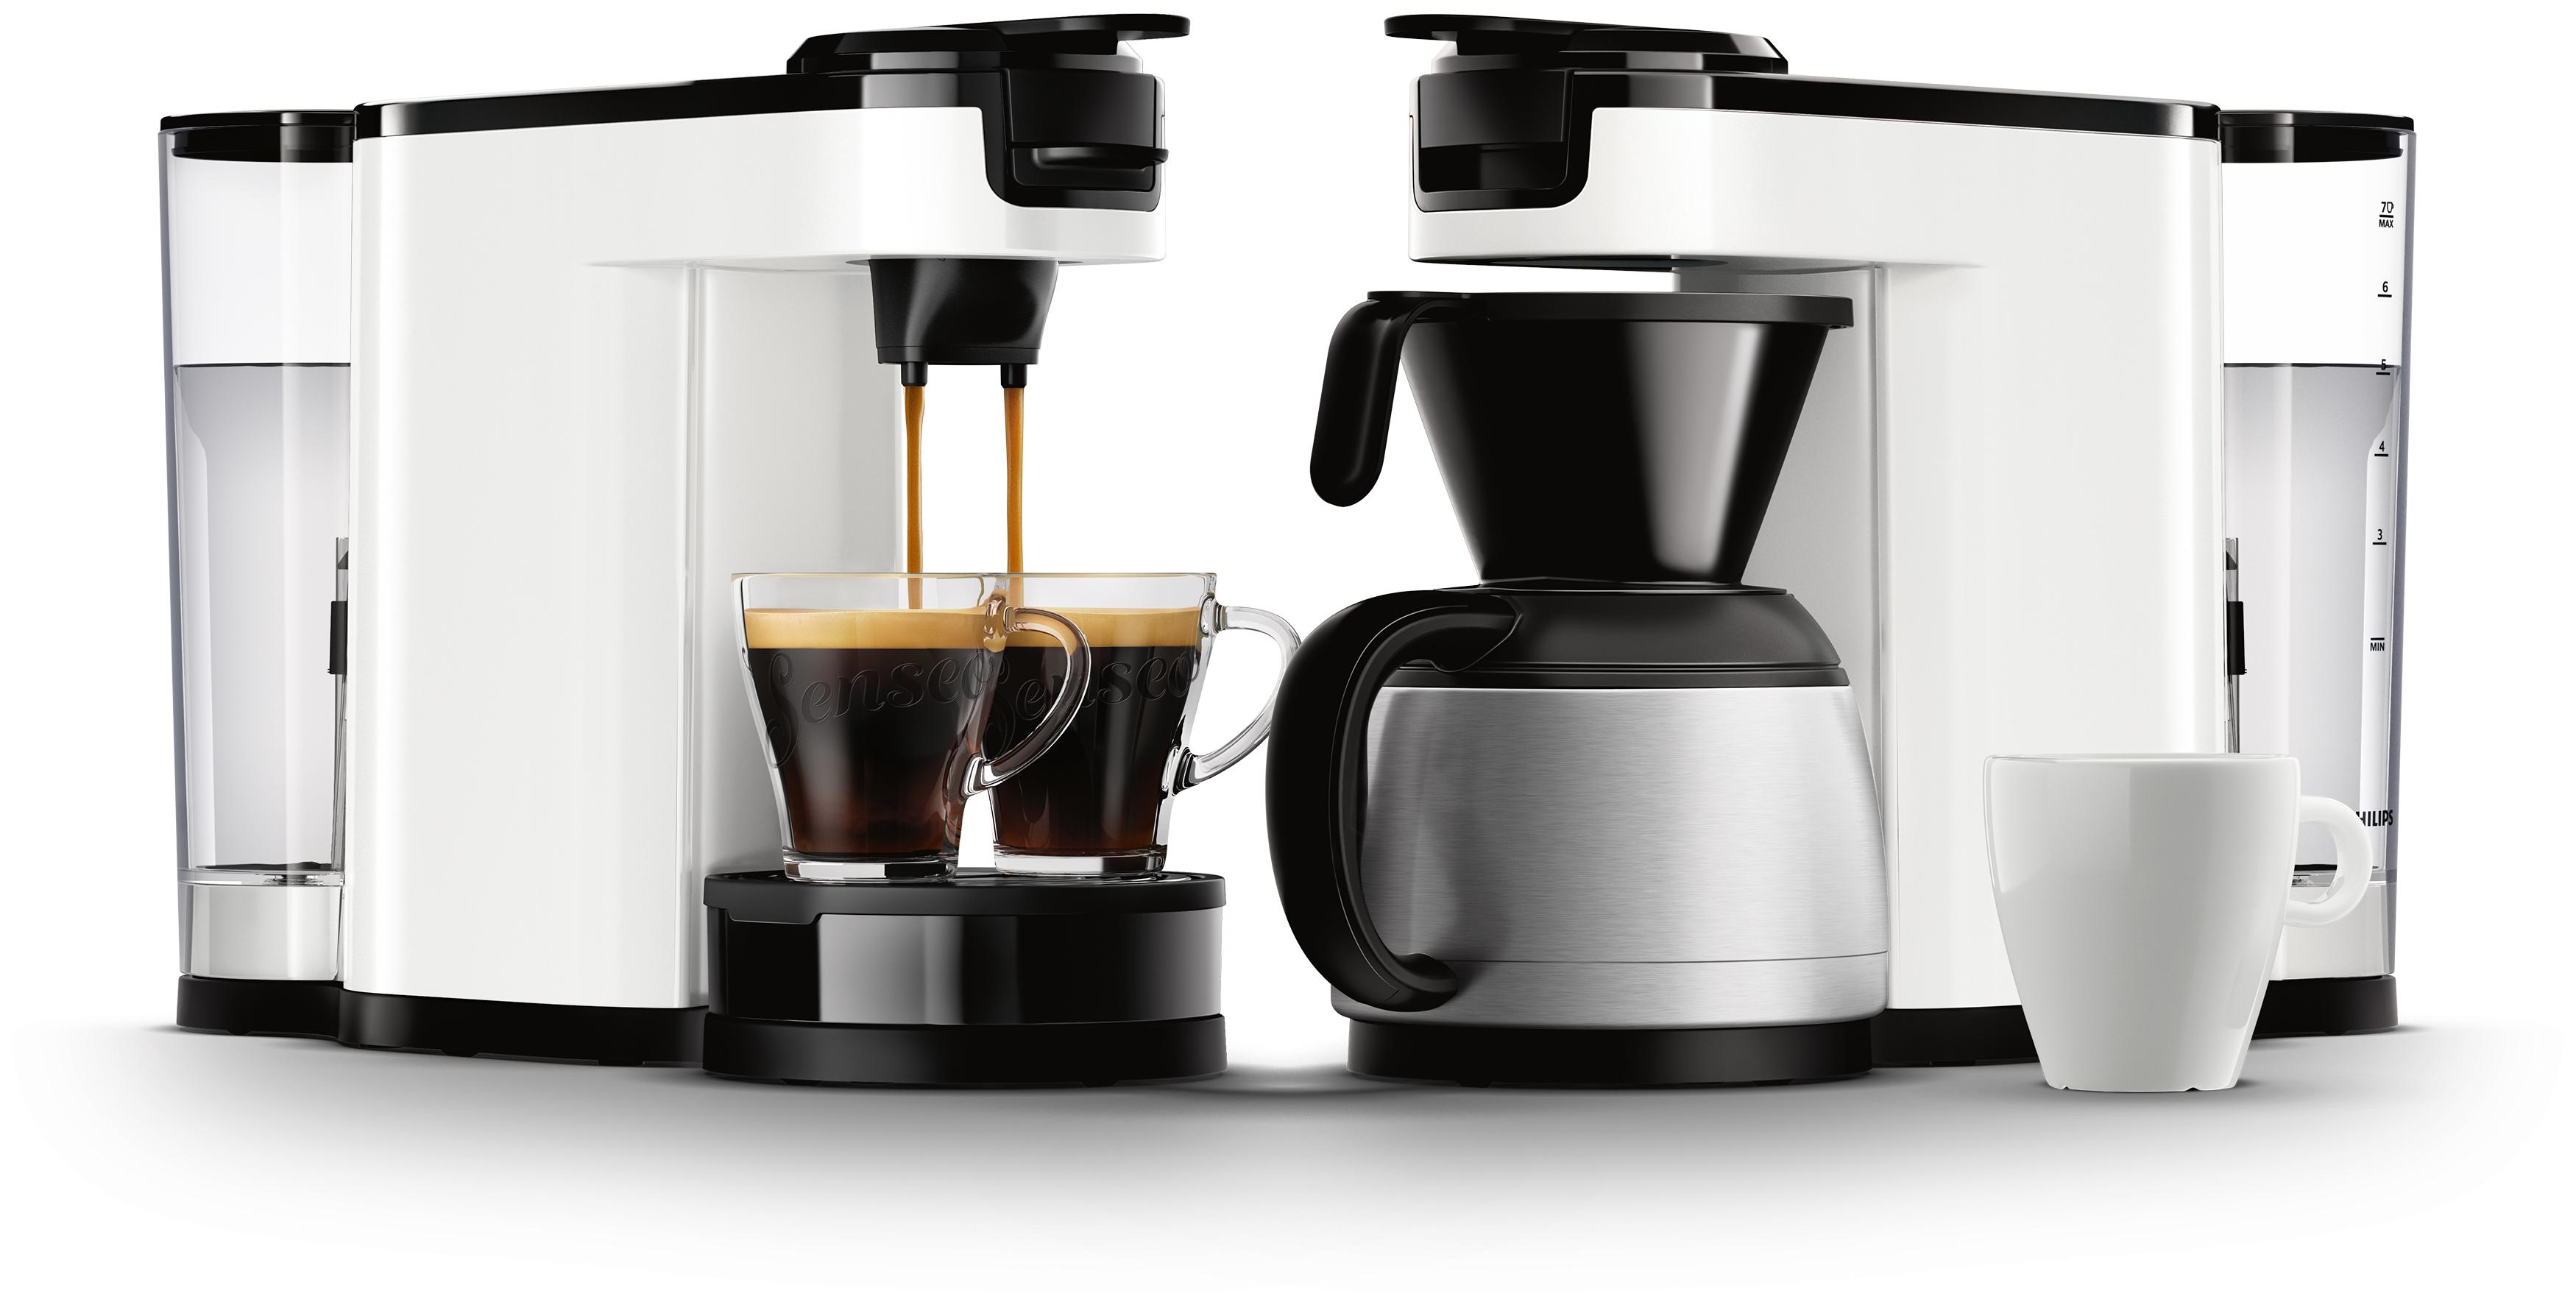 philips kaffeemaschine switch